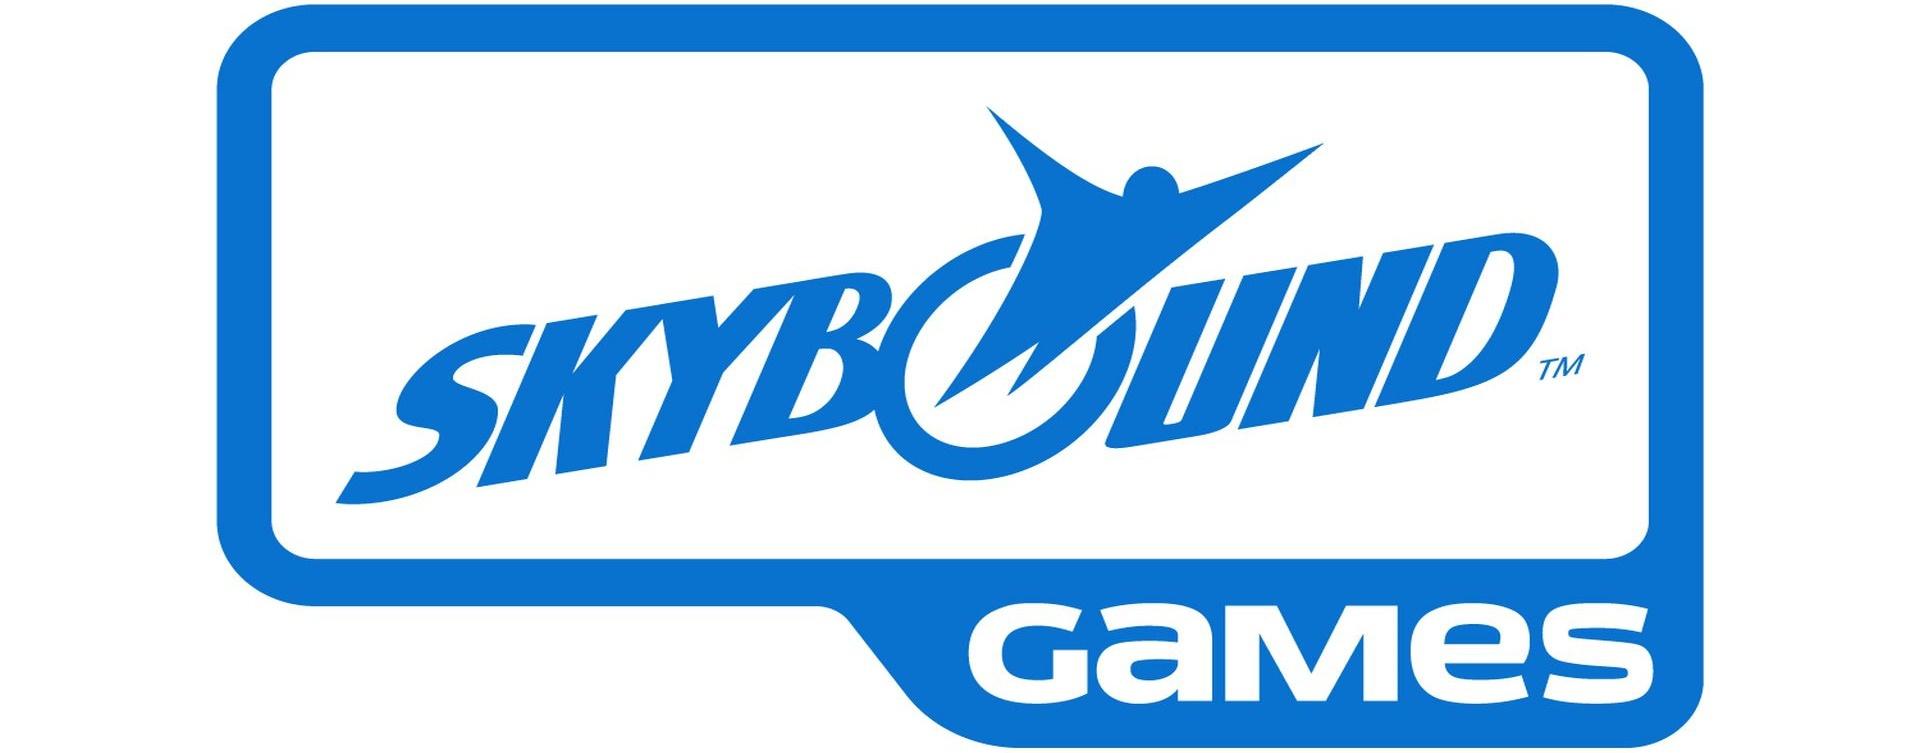 skybound-games-logoa9k88.jpg